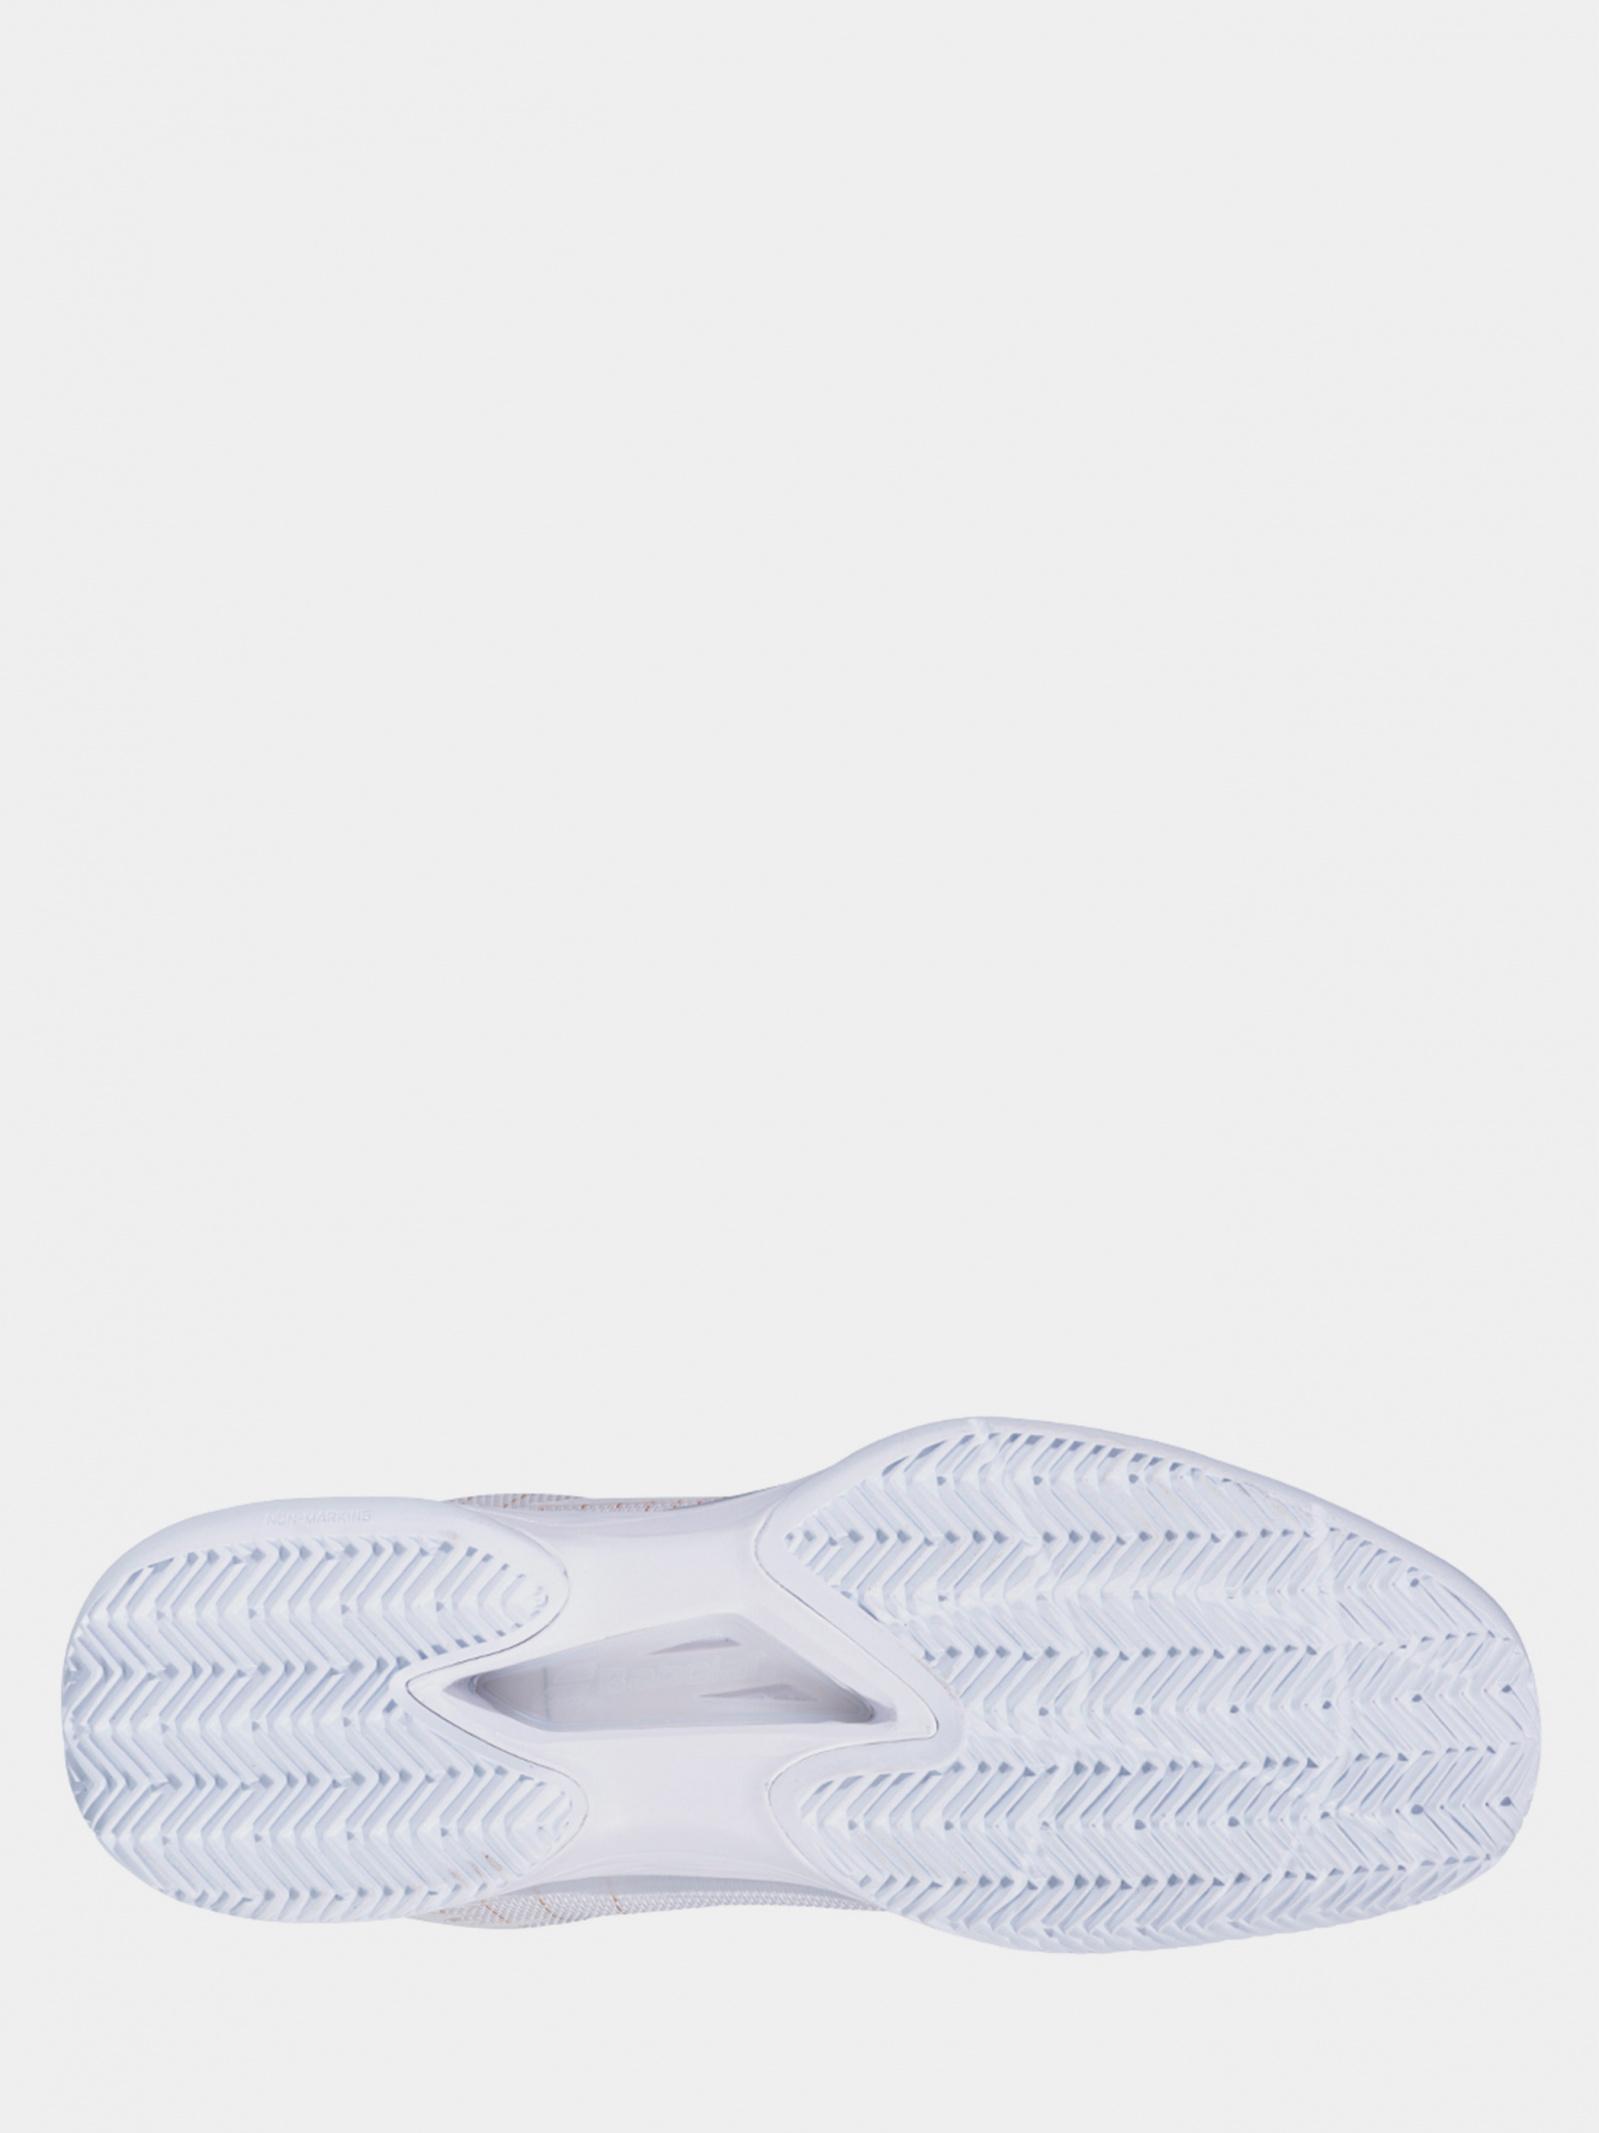 Кроссовки теннисные мужские JET MACH I CLAY WIM MEN 30S19775_1000 обувь бренда, 2017